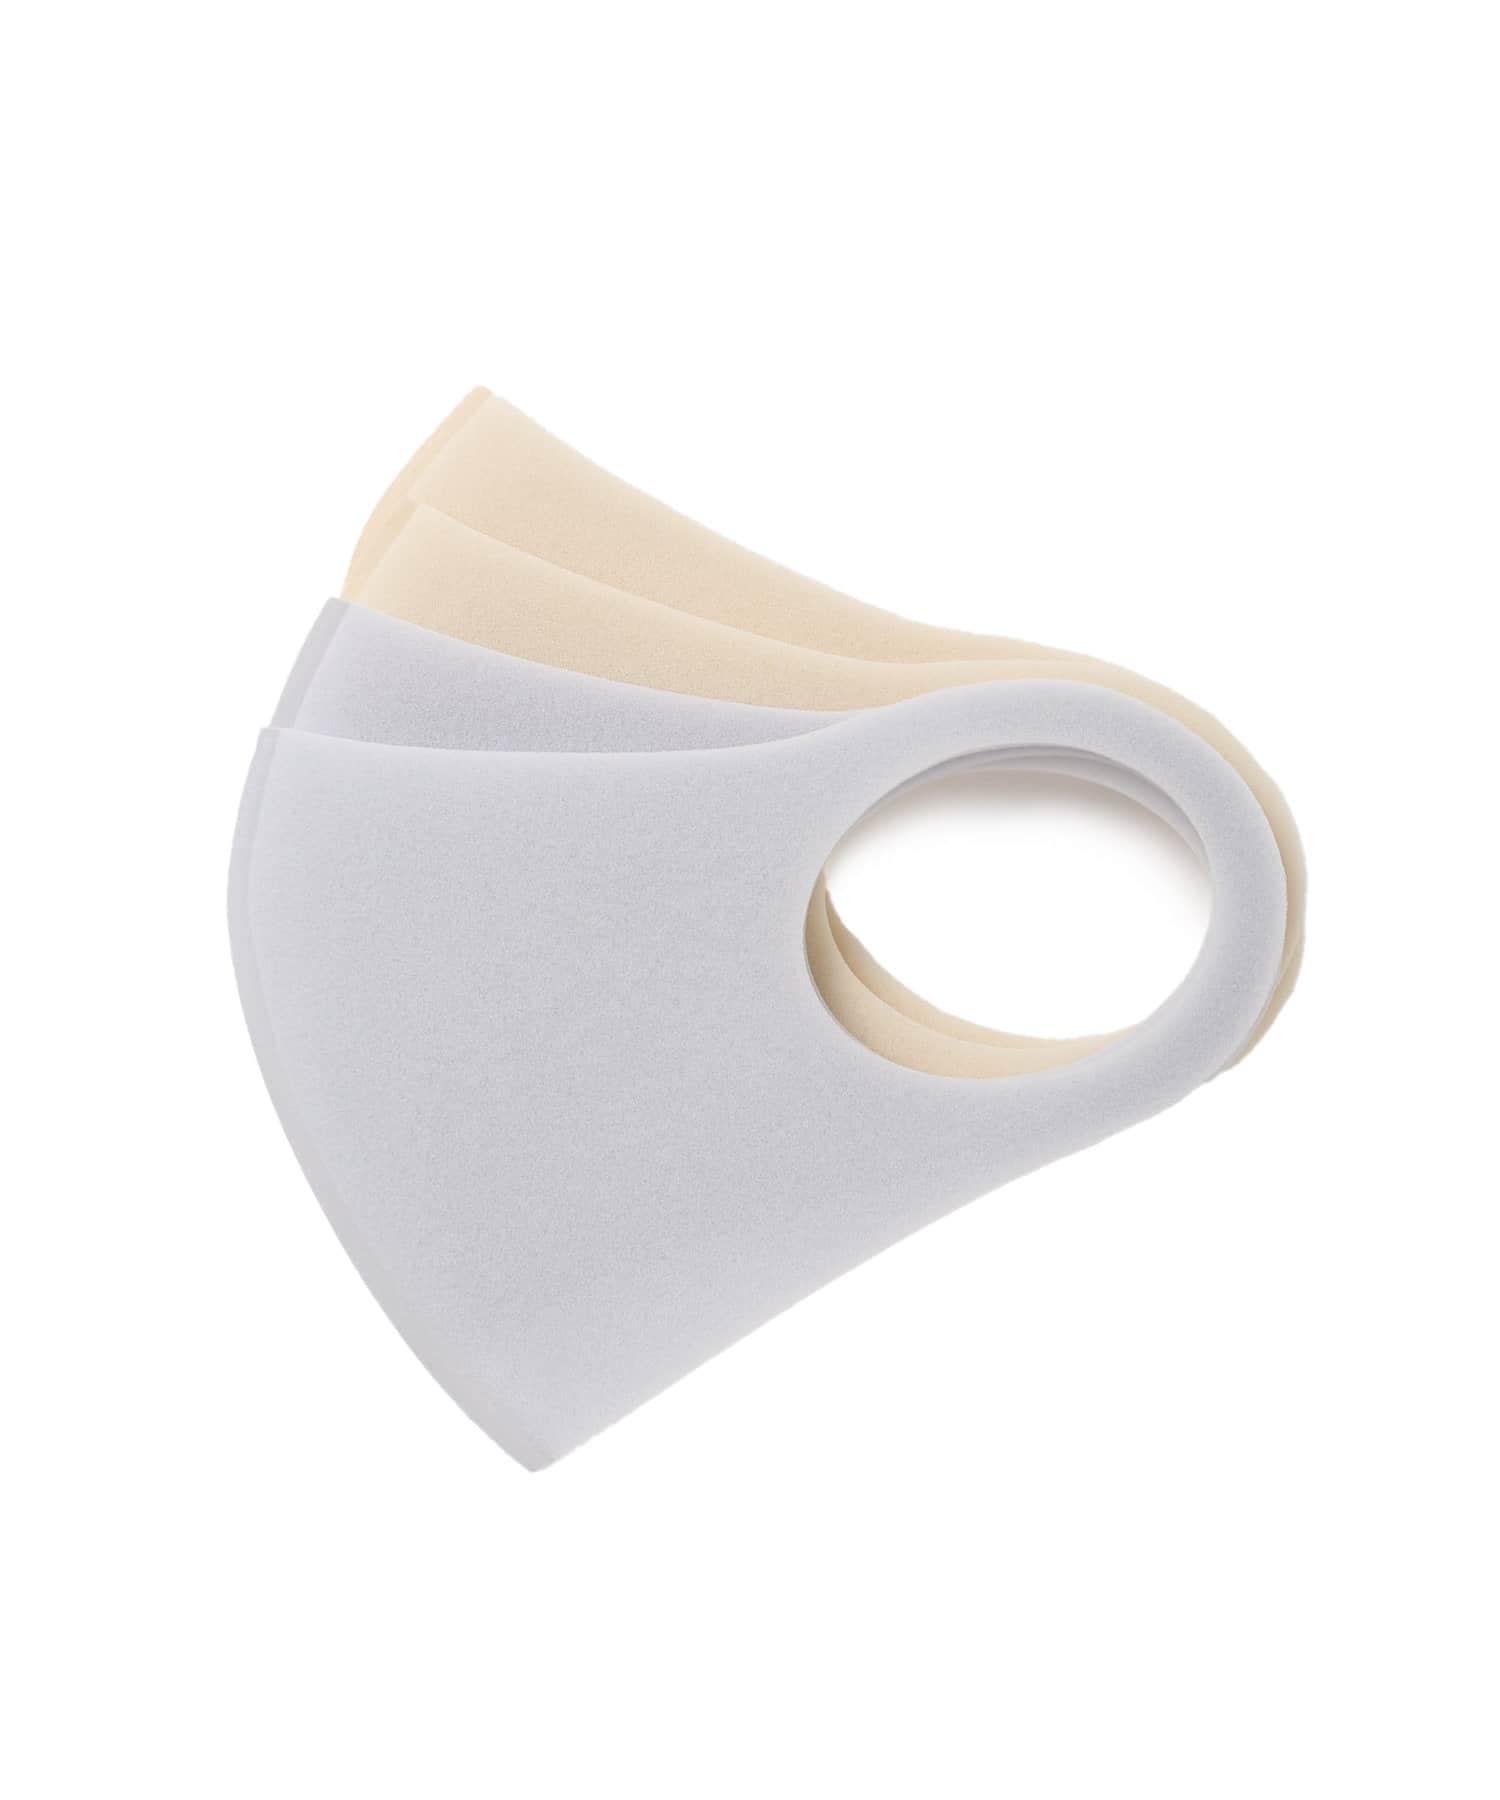 Lattice(ラティス) Lattice(ラティス) 《ニュアンスカラー立体ウレタンマスク 》4枚SET(大人用小さめ) ブルー